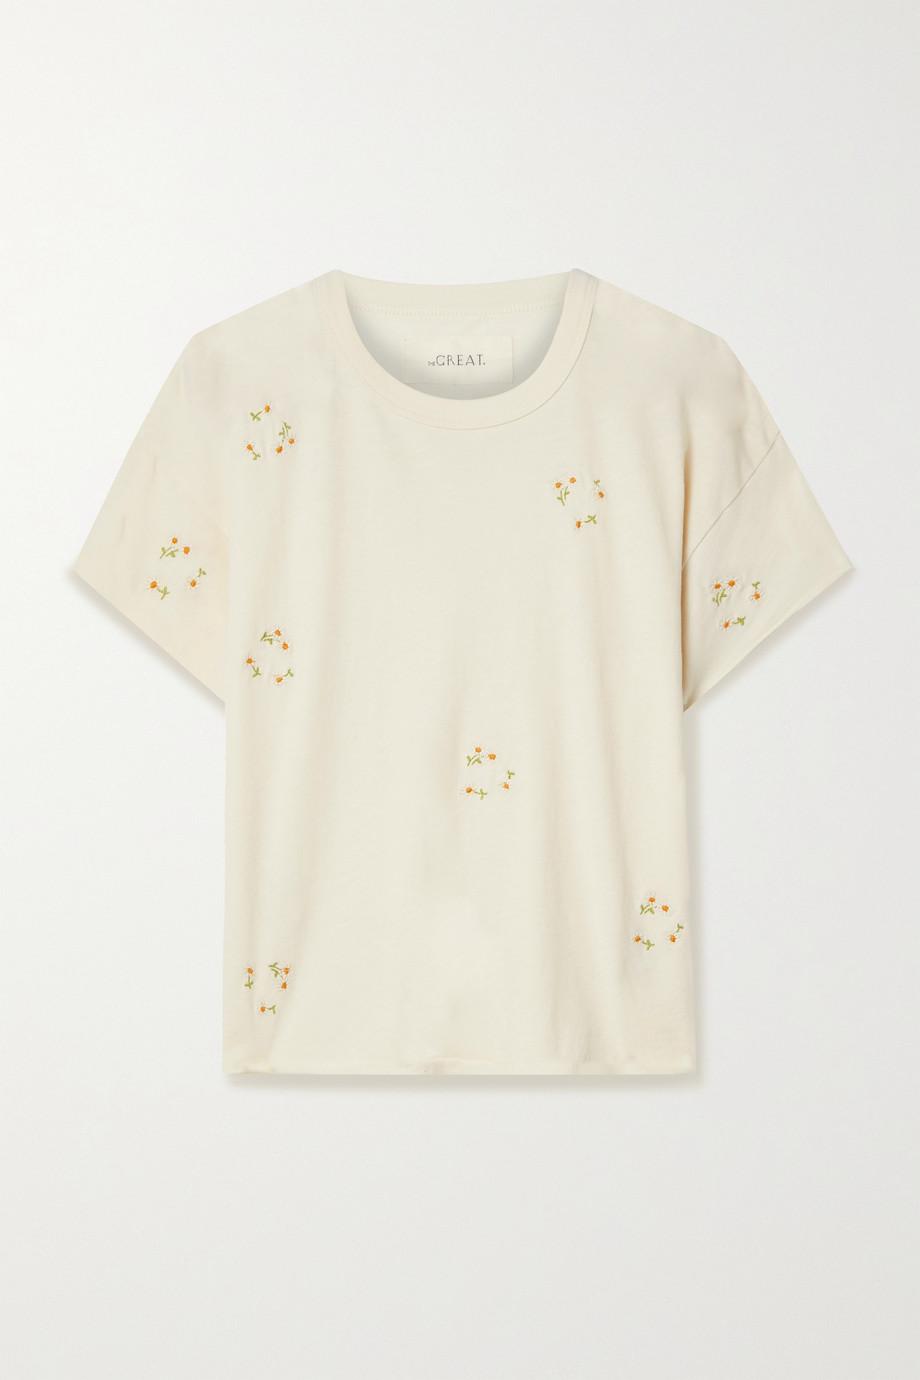 The Great The Crop T-Shirt aus Baumwoll-Jersey mit Stickereien